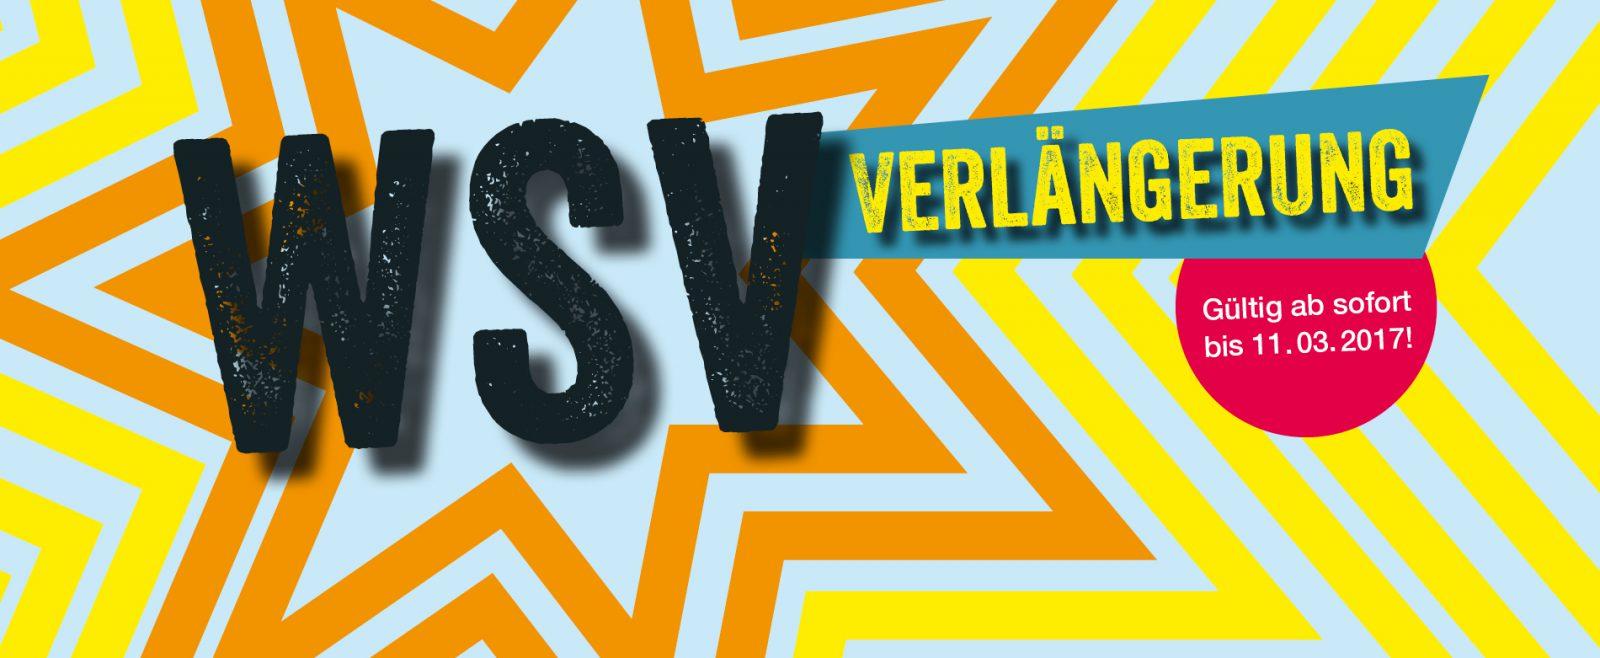 storer_silder_wsv_verlaengerung_2017